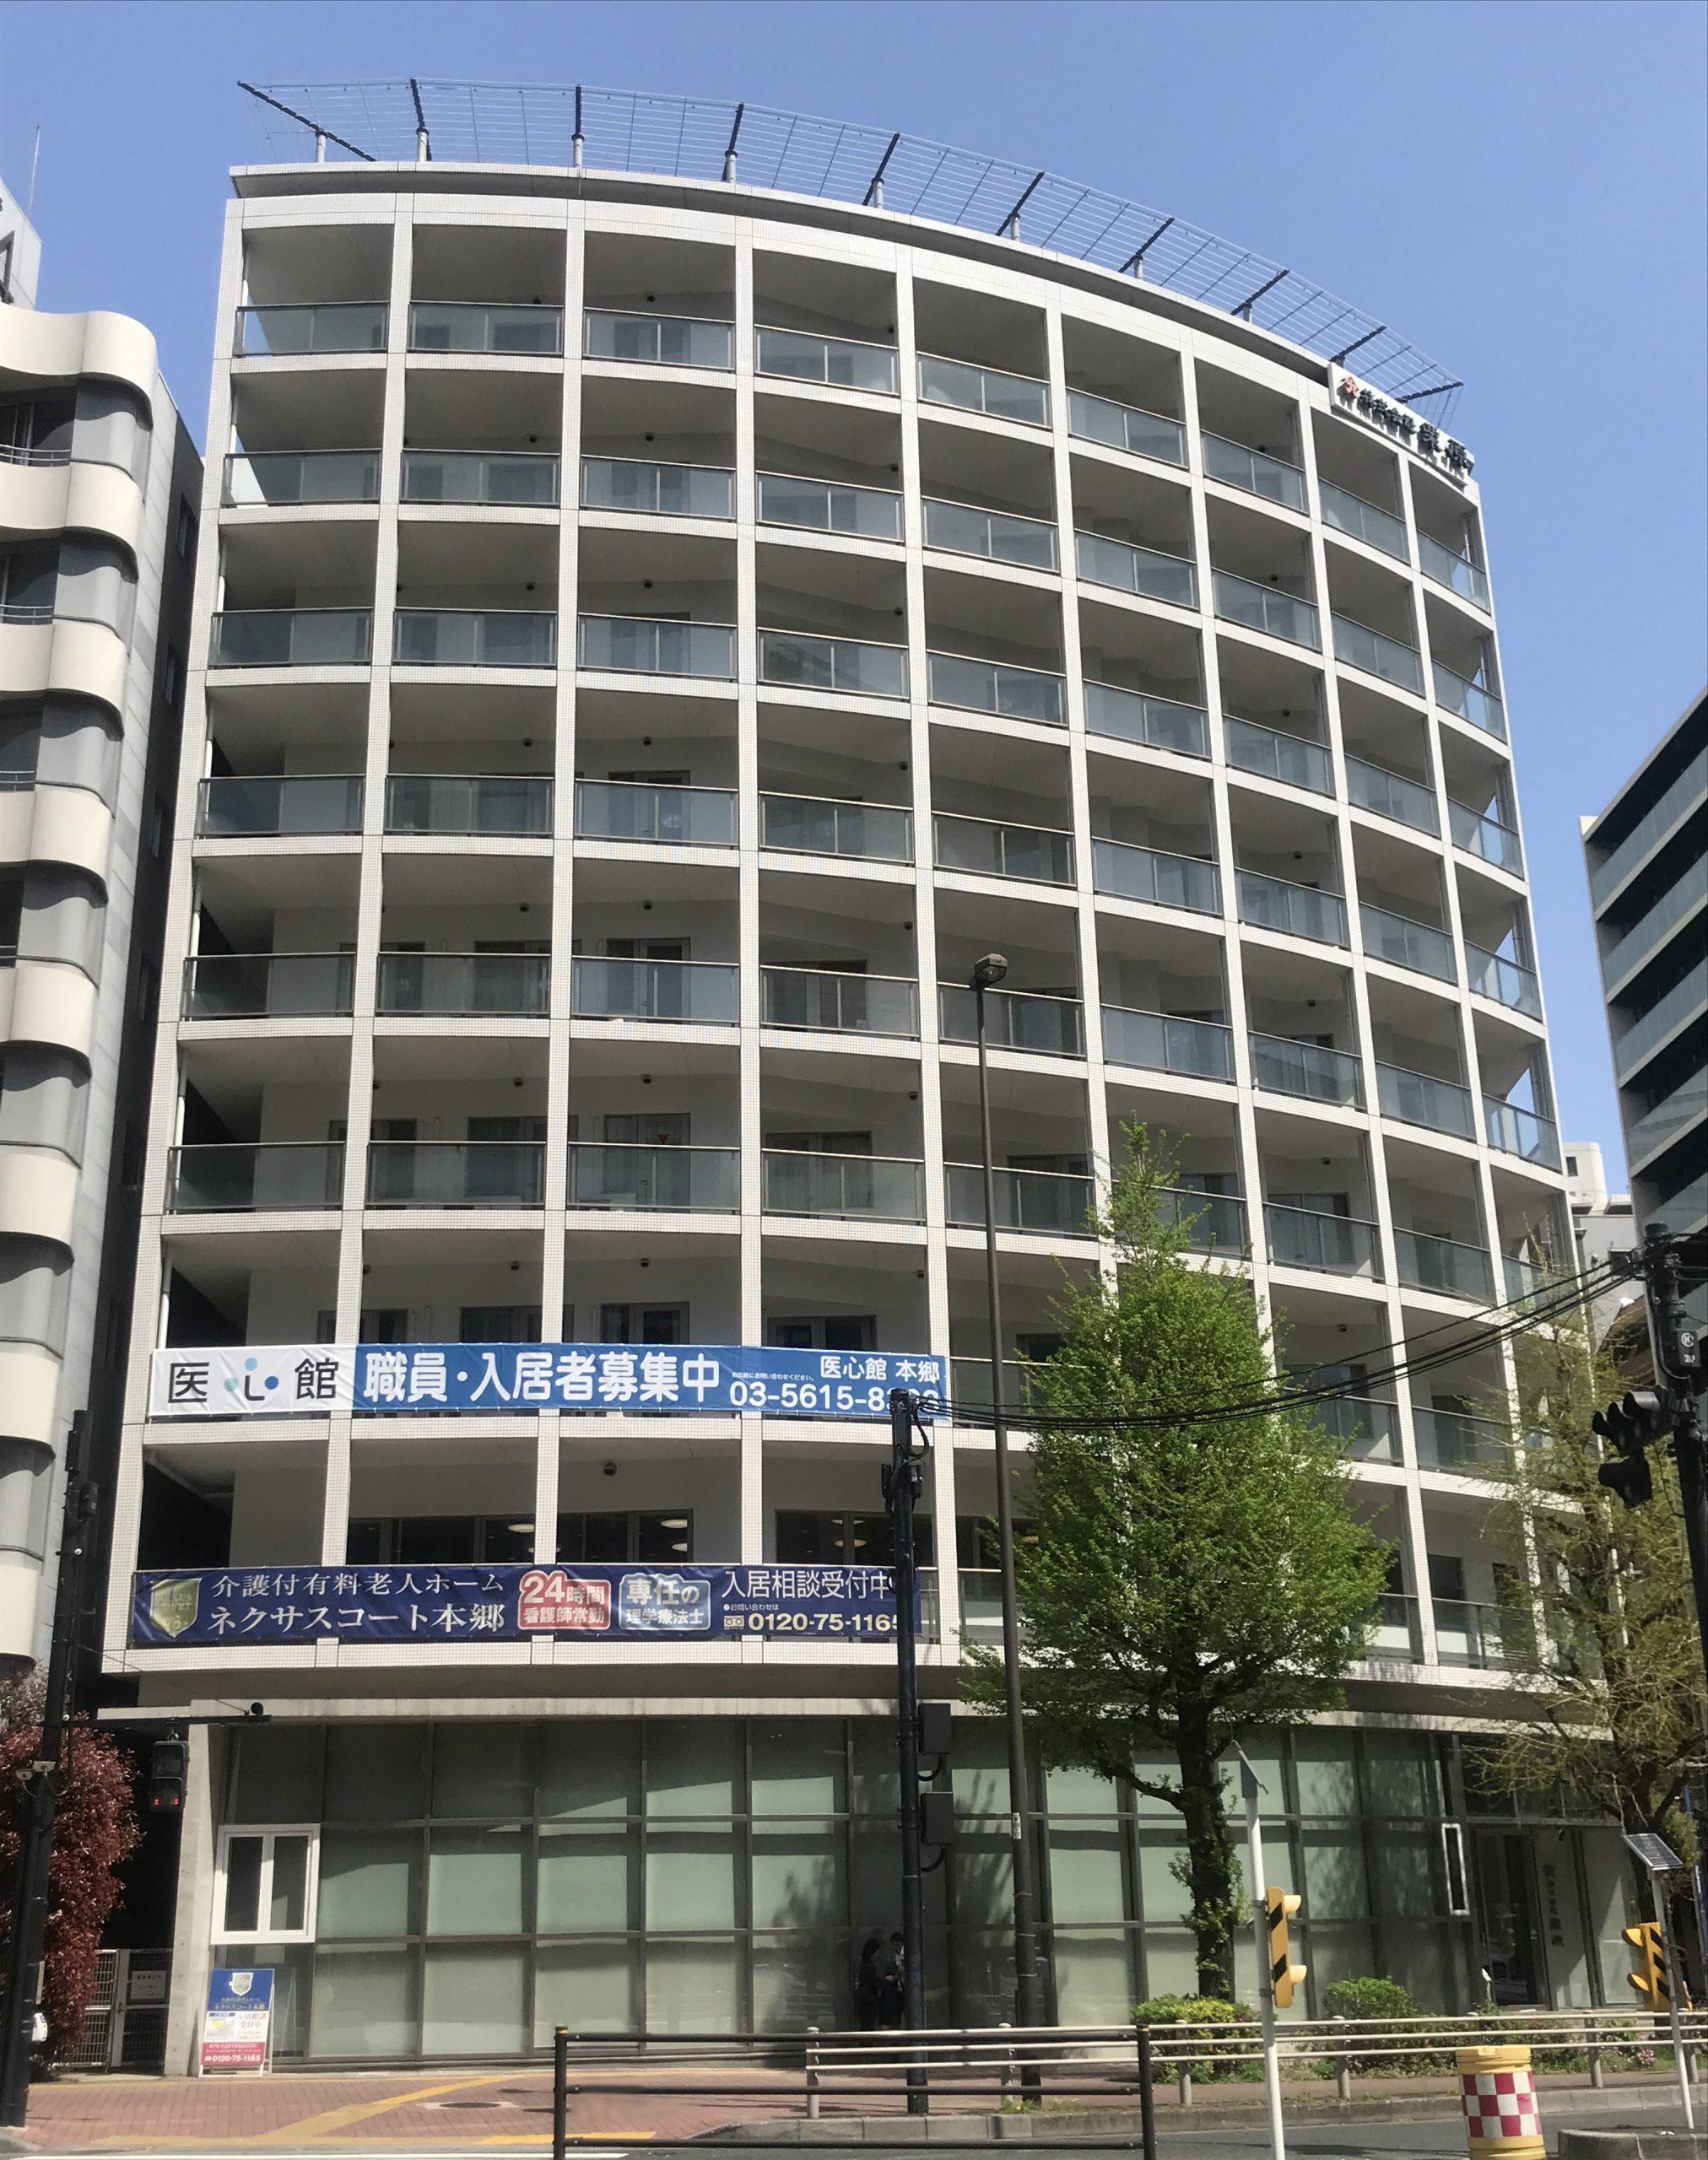 東京都では3施設目となる有料老人ホーム「医心館 本郷」をオープンしました